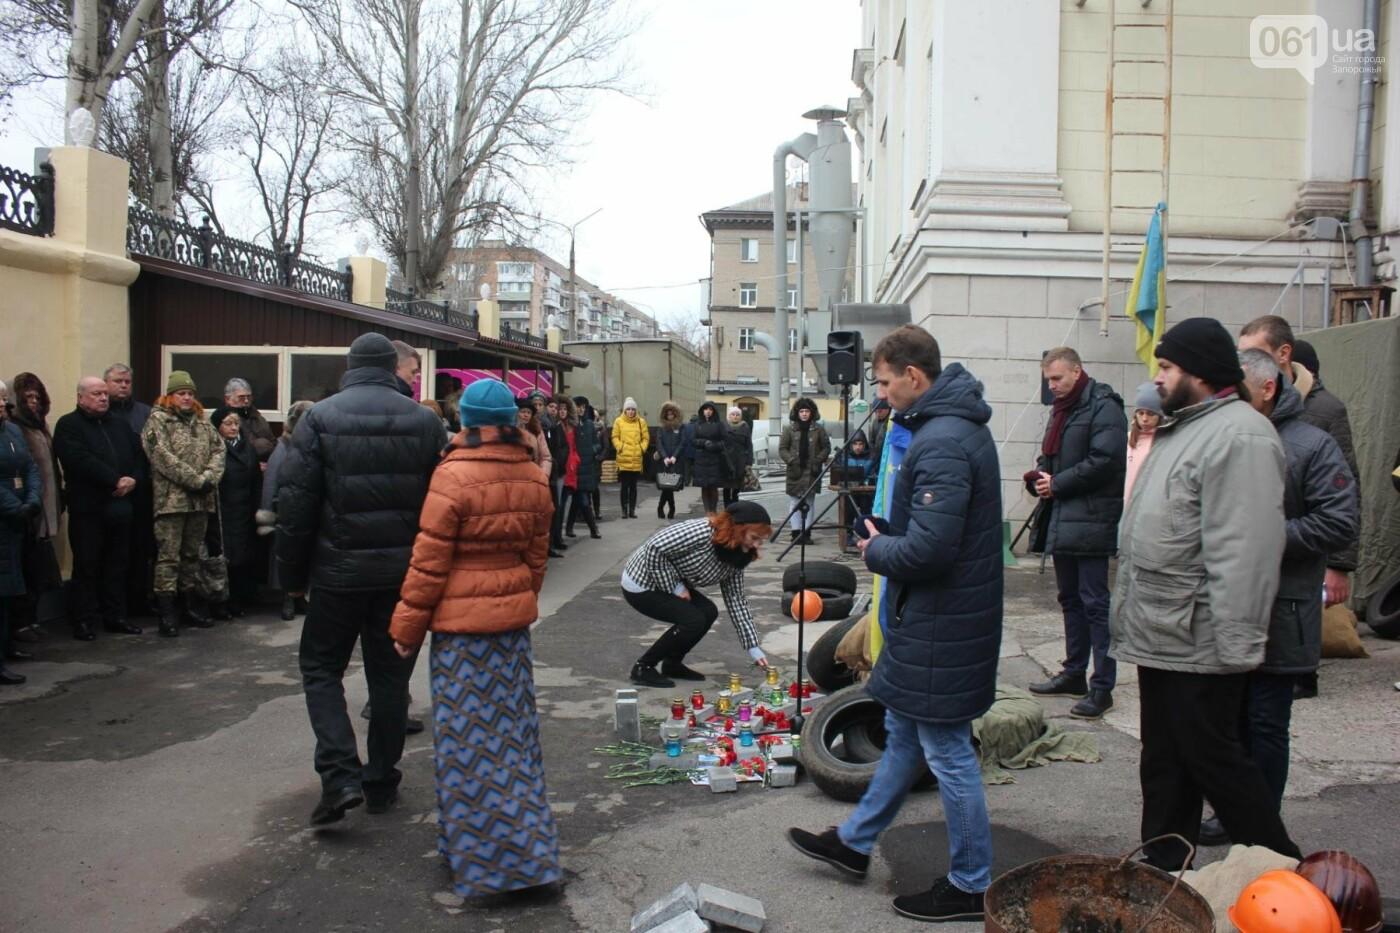 В Запорожье актеры на улице читали стихи о Майдане, - ФОТОРЕПОРТАЖ, фото-14